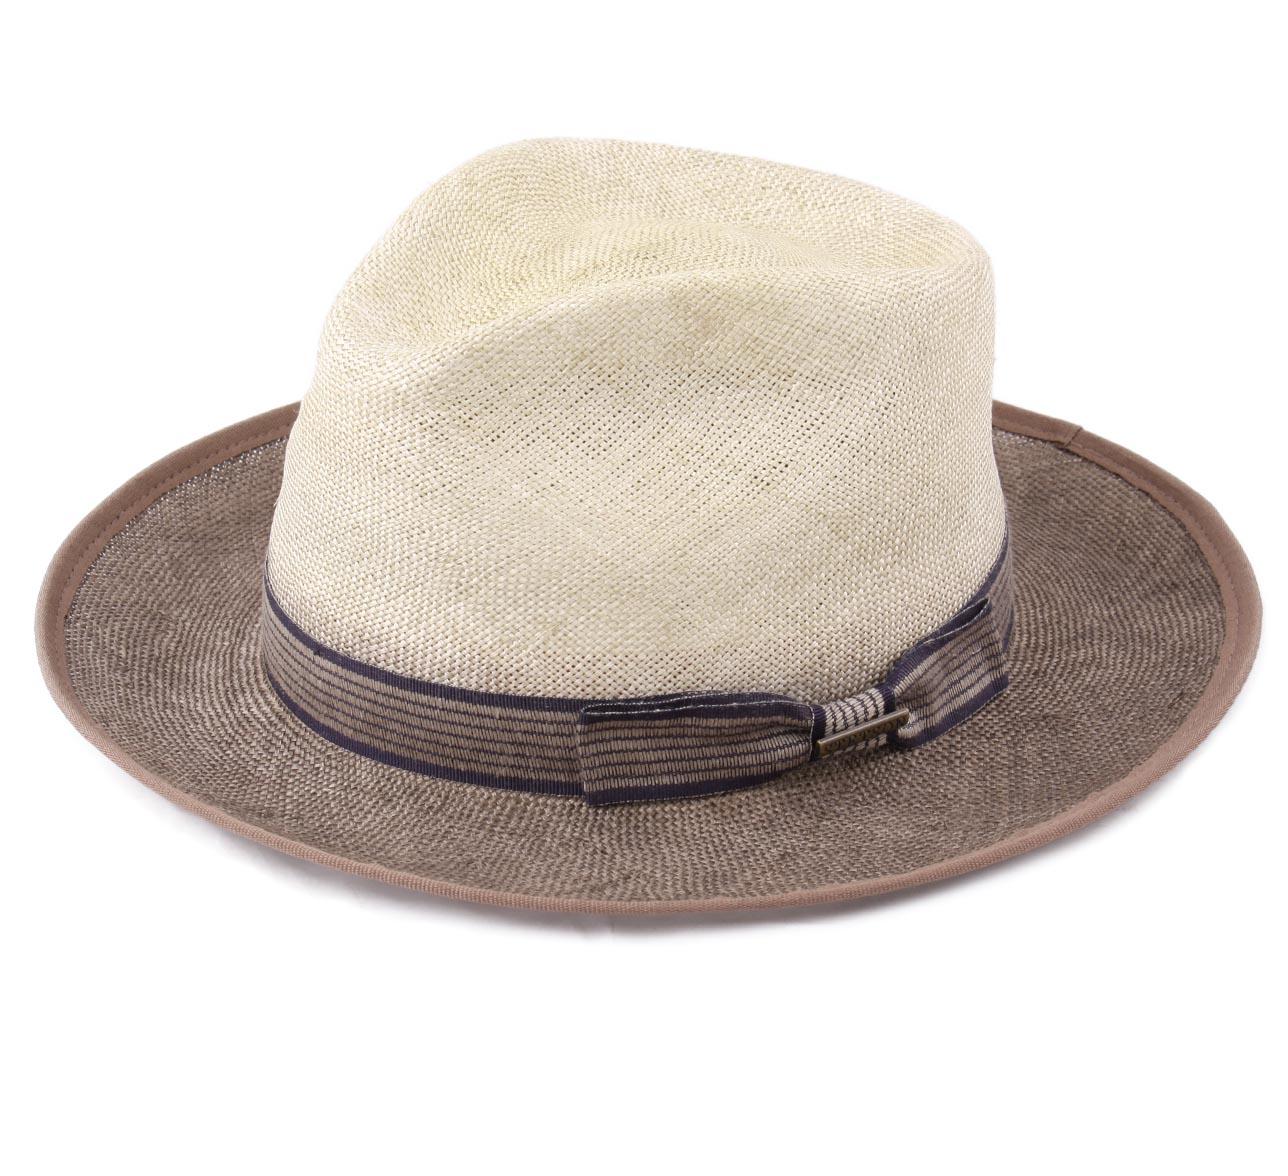 Wayside Fedora Chapeau De Paille Par Abaca Chapeaux De Soleil Stetson Stetson AkyCLX7W